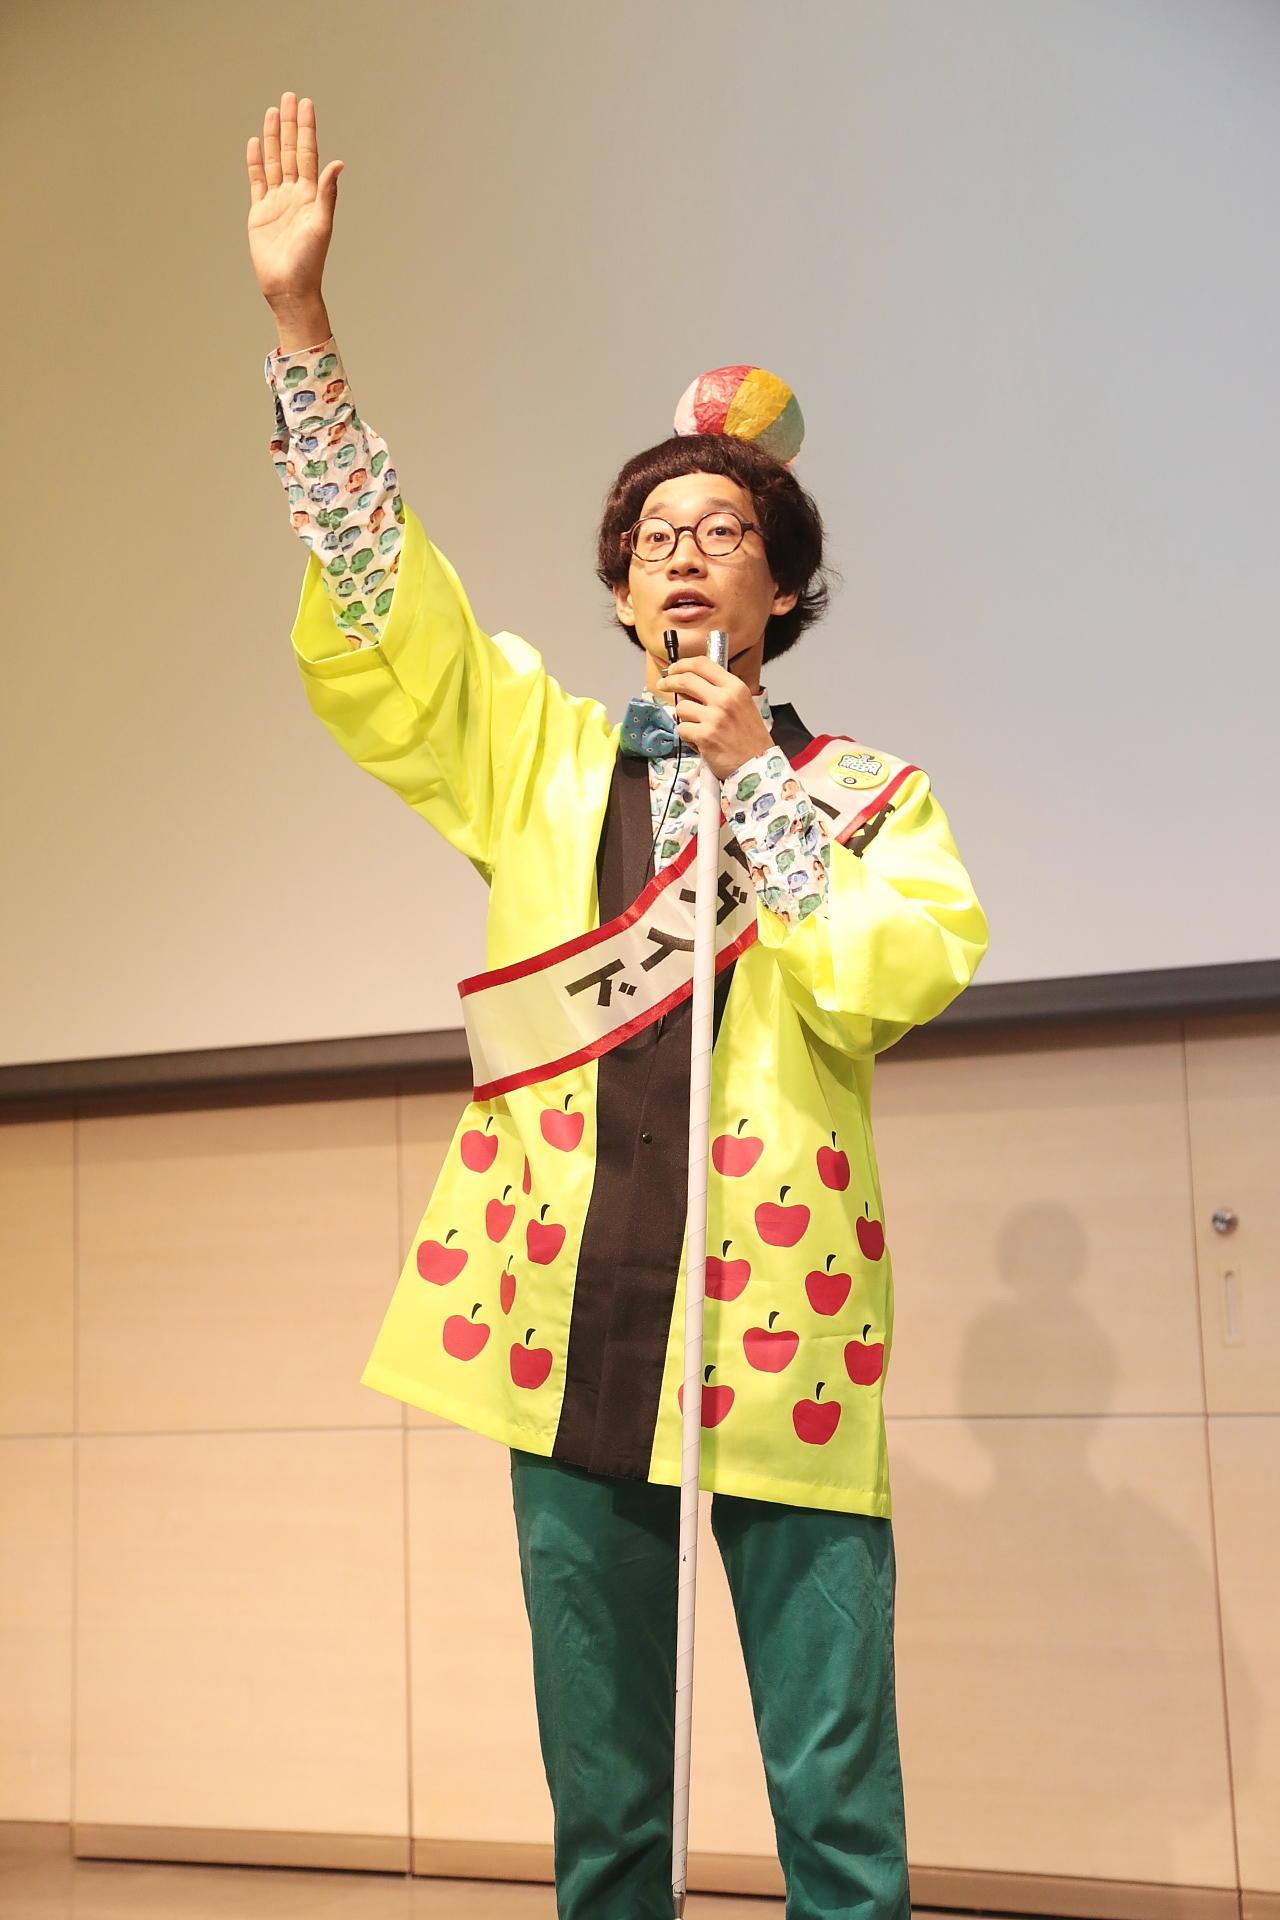 http://news.yoshimoto.co.jp/20170811032510-4eac35f40e22395d6e59b2704dfa5a4d0a05429d.jpg